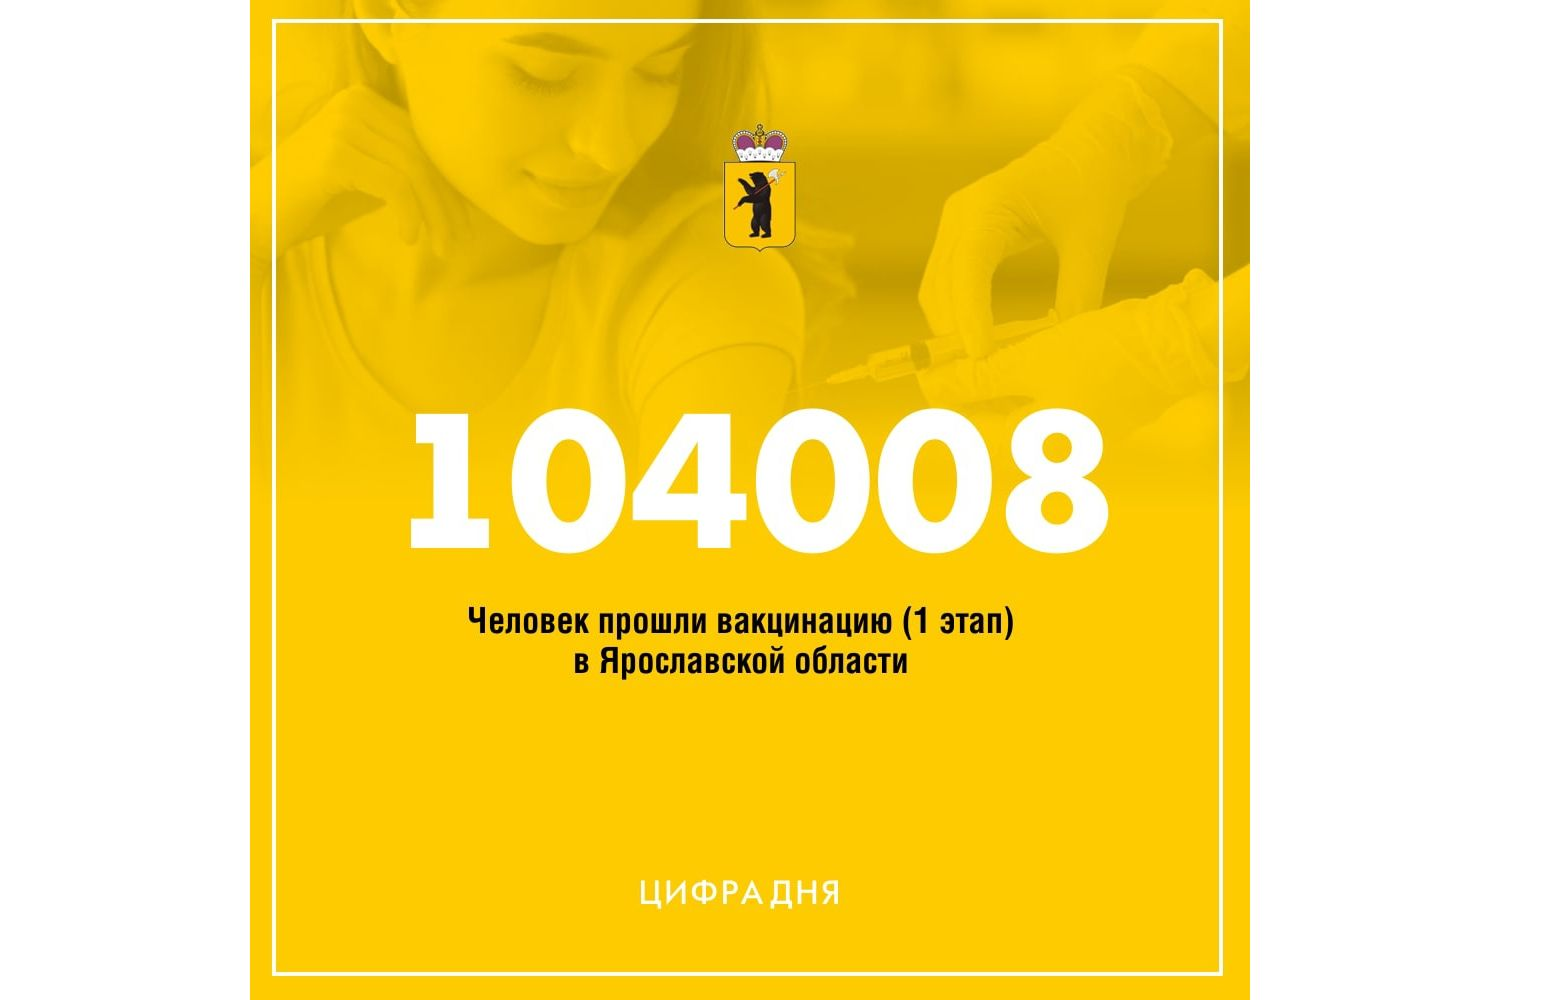 В Ярославской области вакцинацию от коронавируса прошло больше 104 тысяч человек